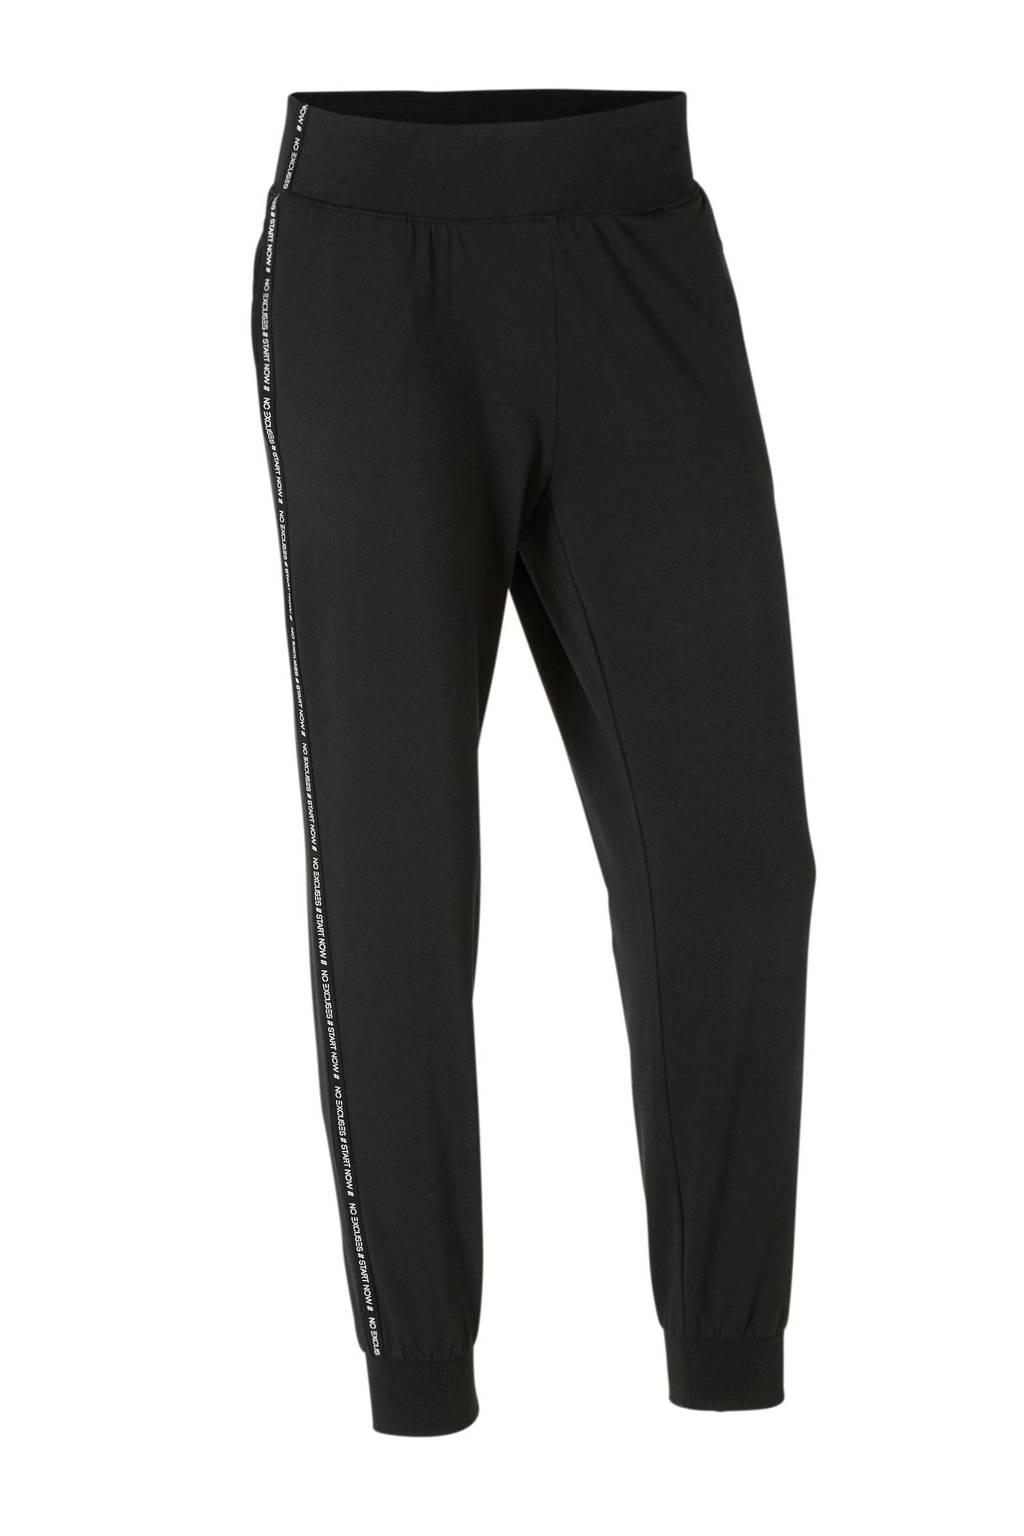 ESPRIT Women Sports 7/8 sportbroek zwart/wit, Zwart//wit